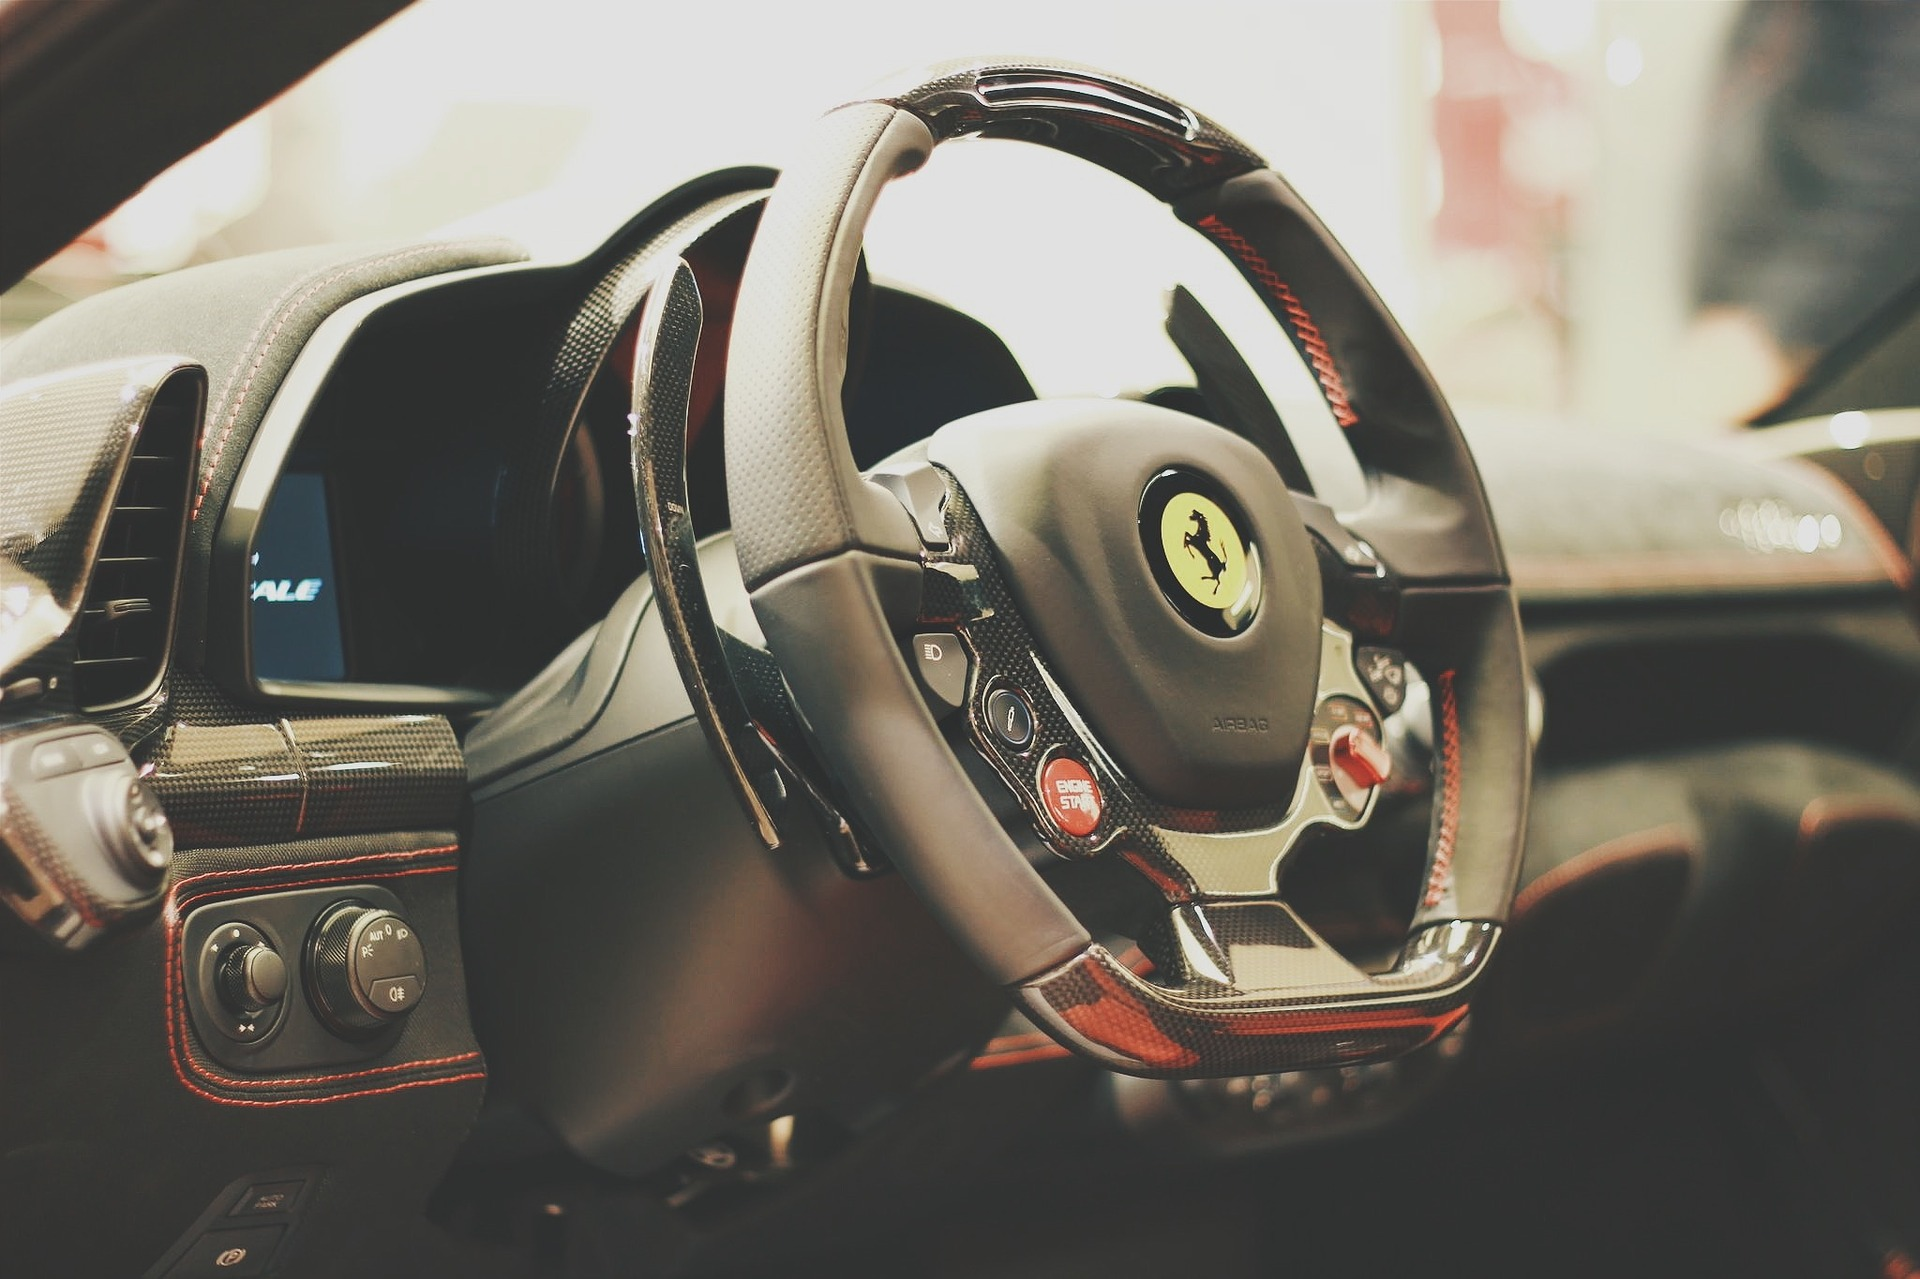 sprzedaż samochodu wycofanego z dzialalnościi